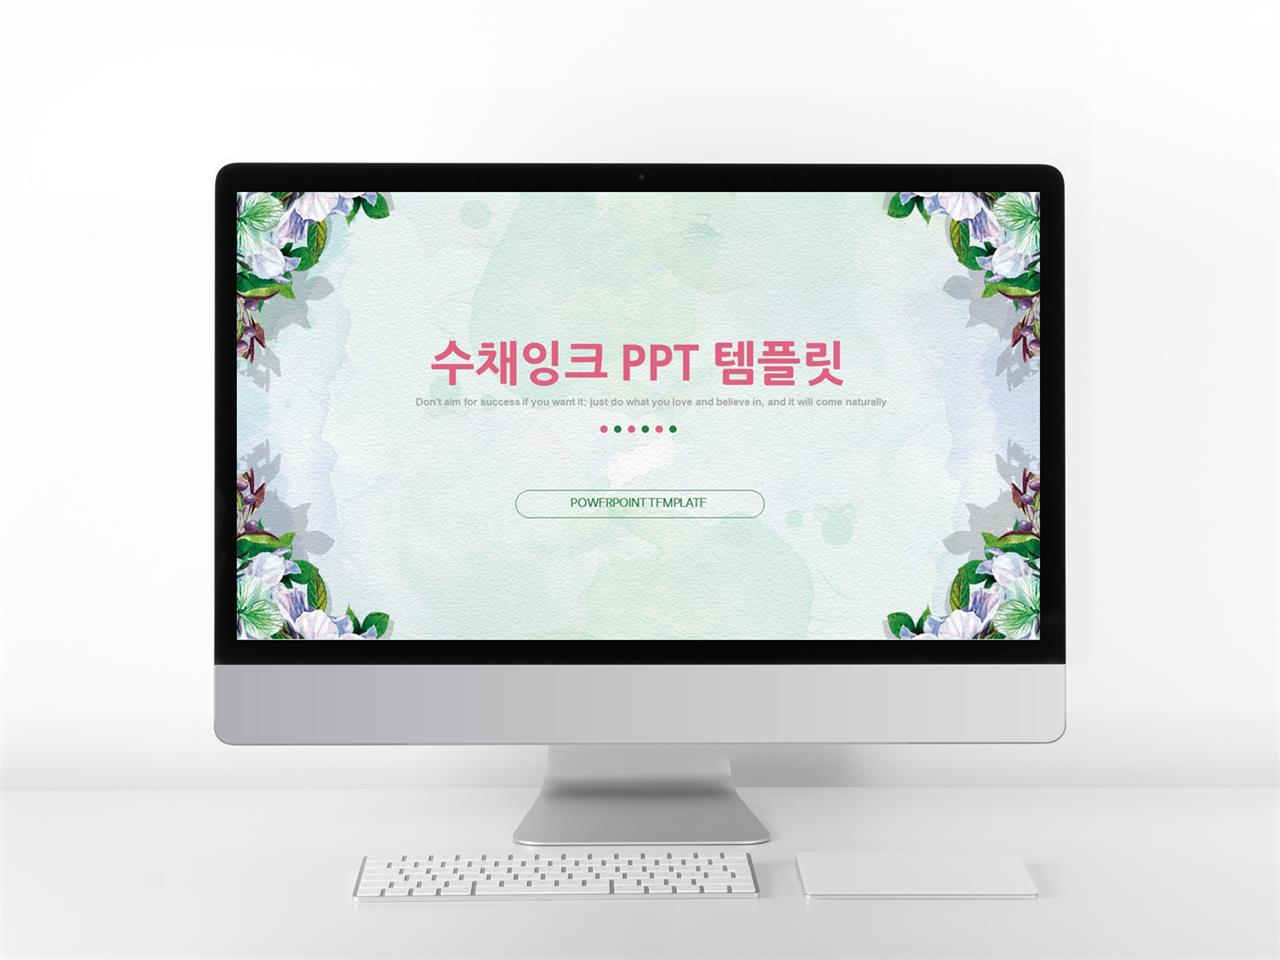 화초주제 녹색 잉크느낌 고퀄리티 PPT배경 제작 미리보기